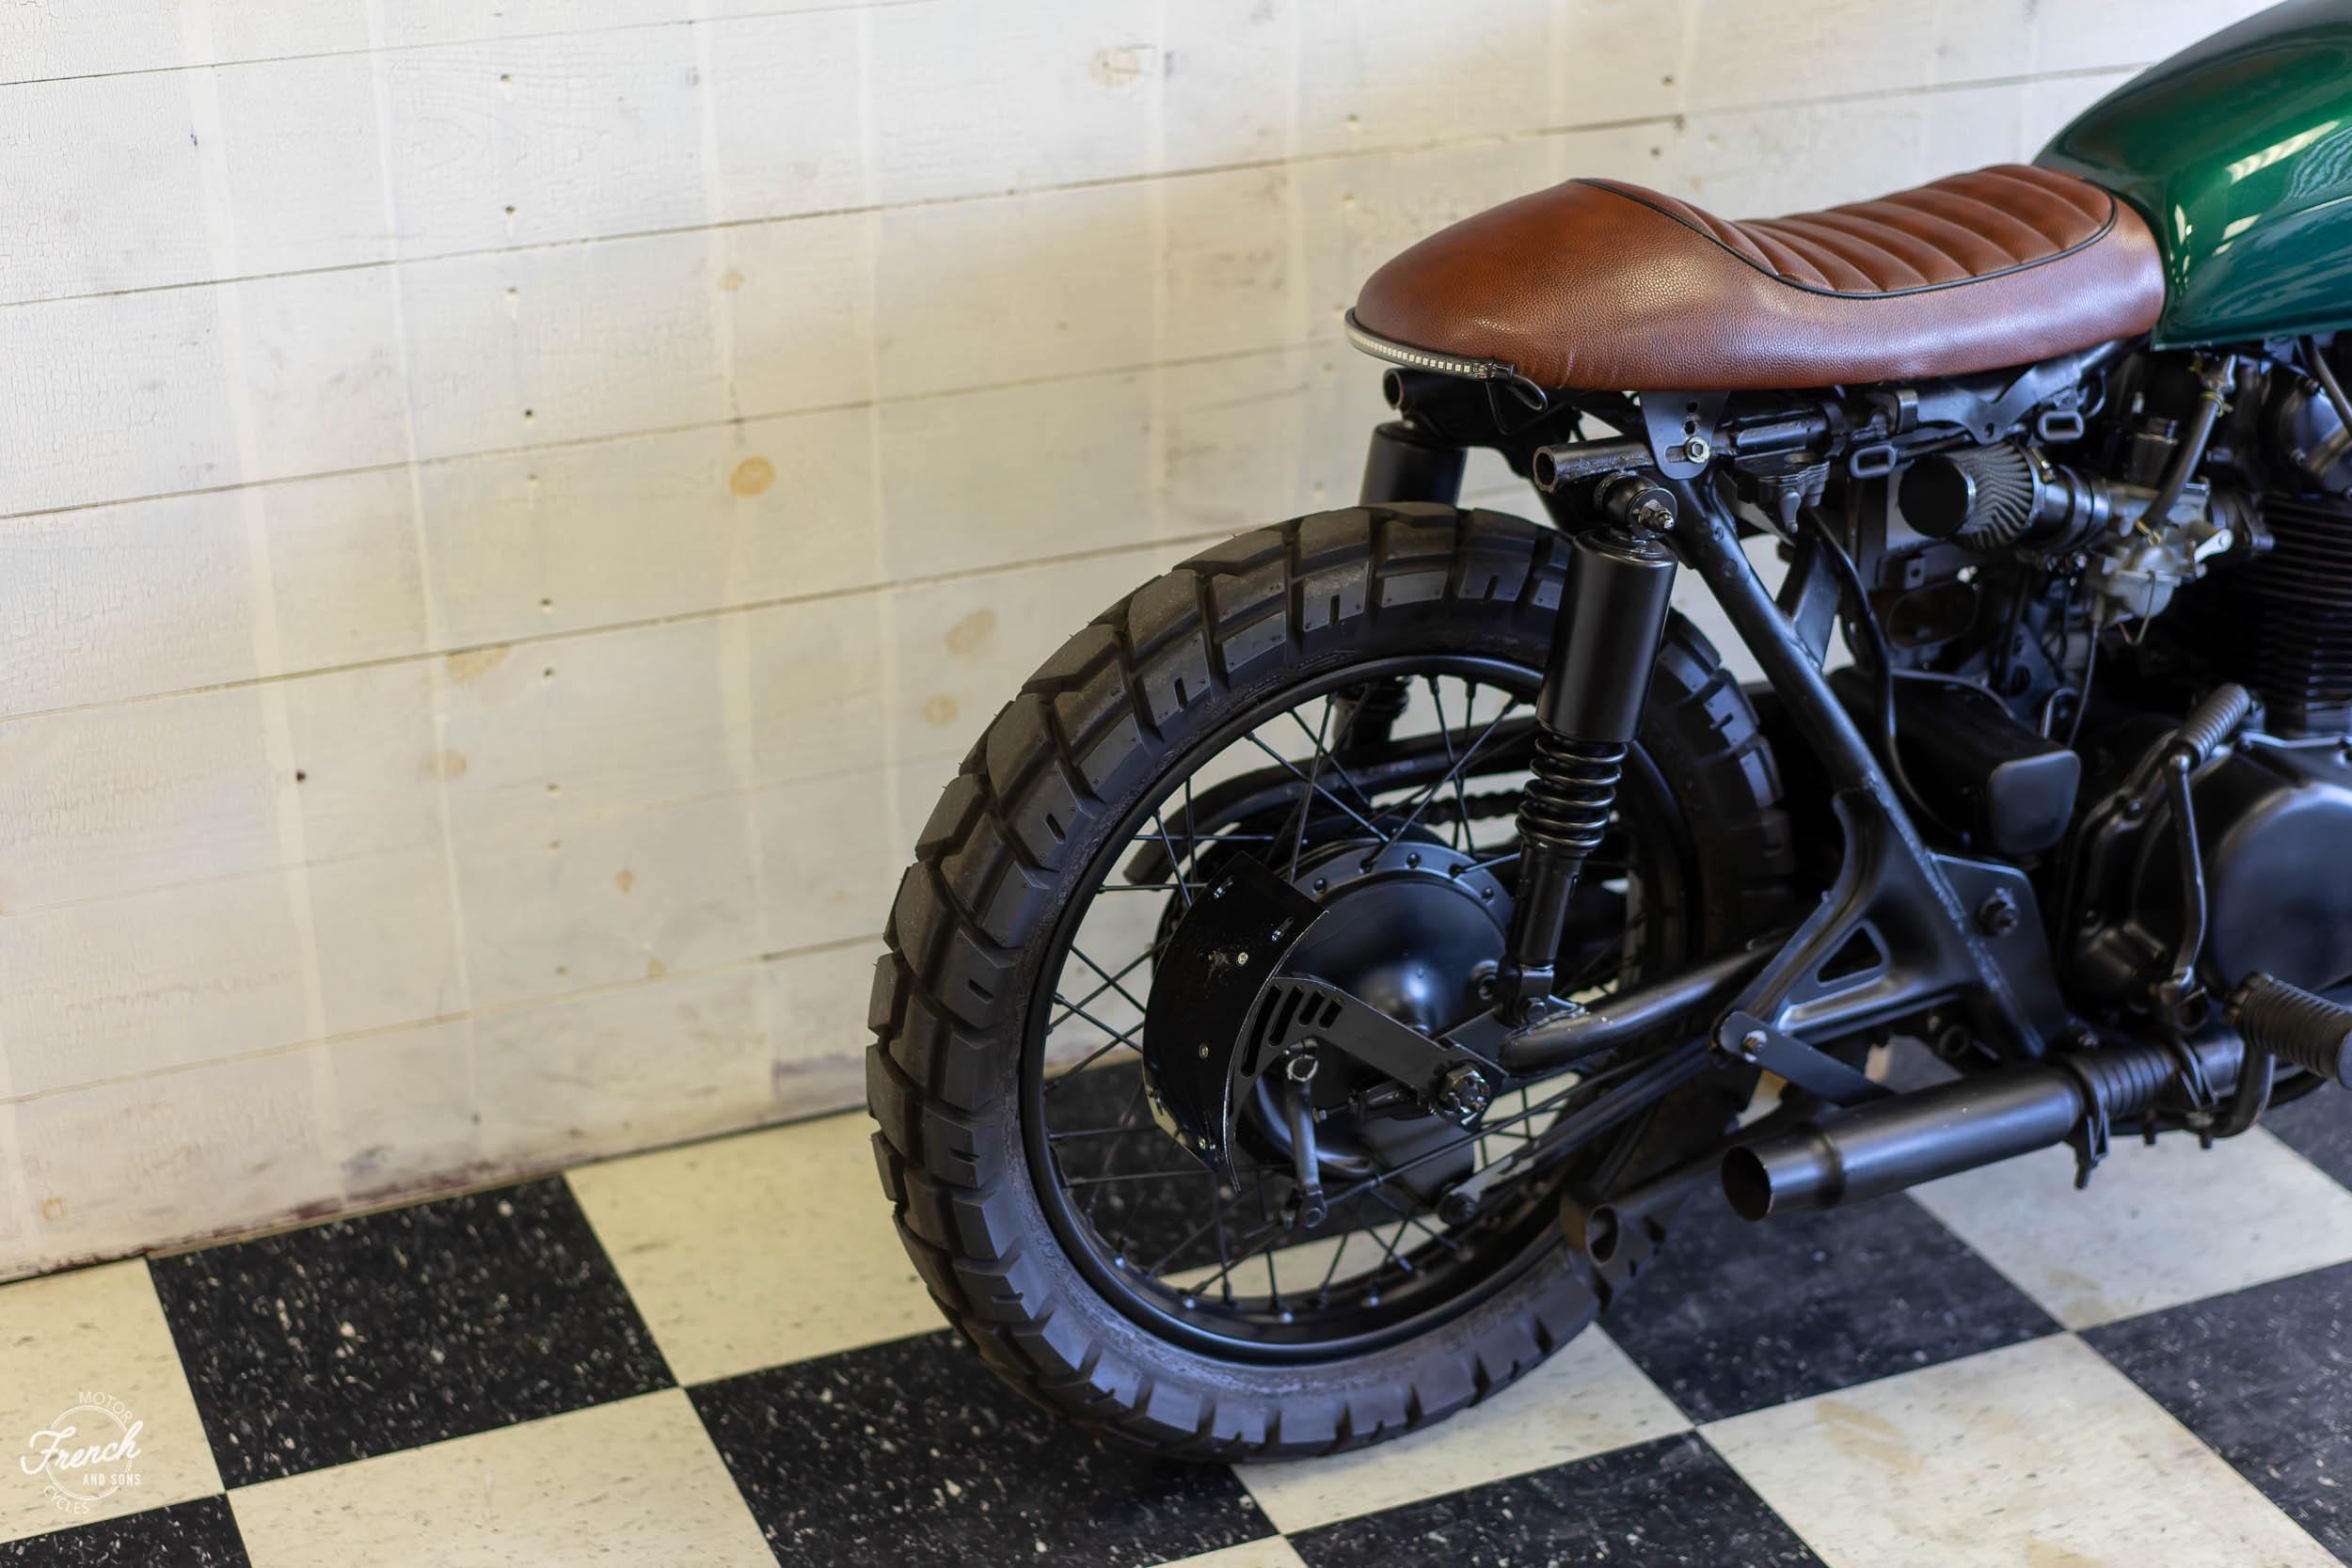 1974_honda_cb450_cafe_racer-8.jpg